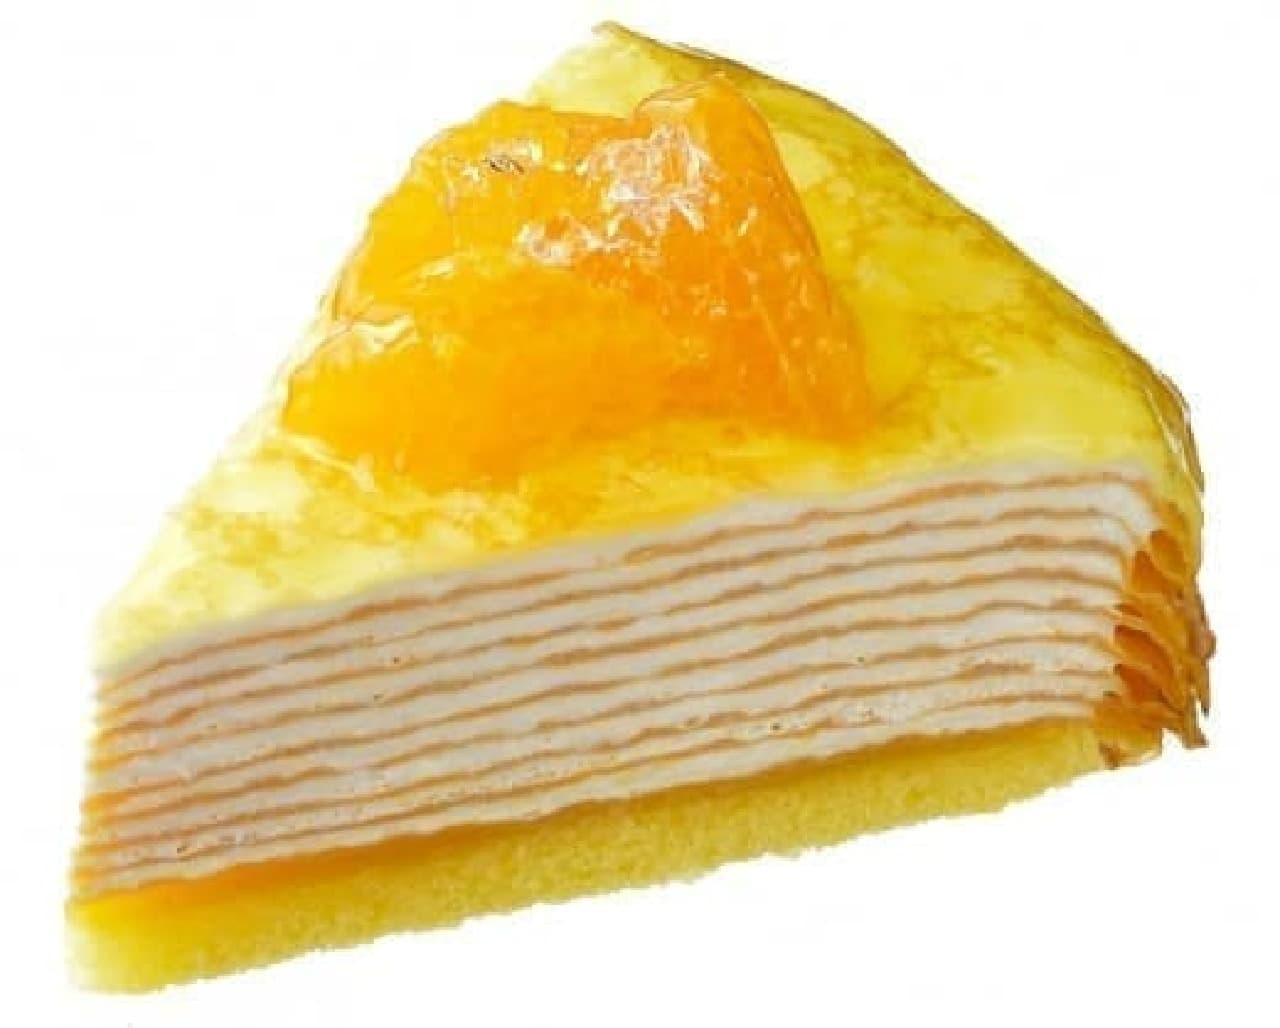 銀座コージーコーナー「清見オレンジのミルクレープ」